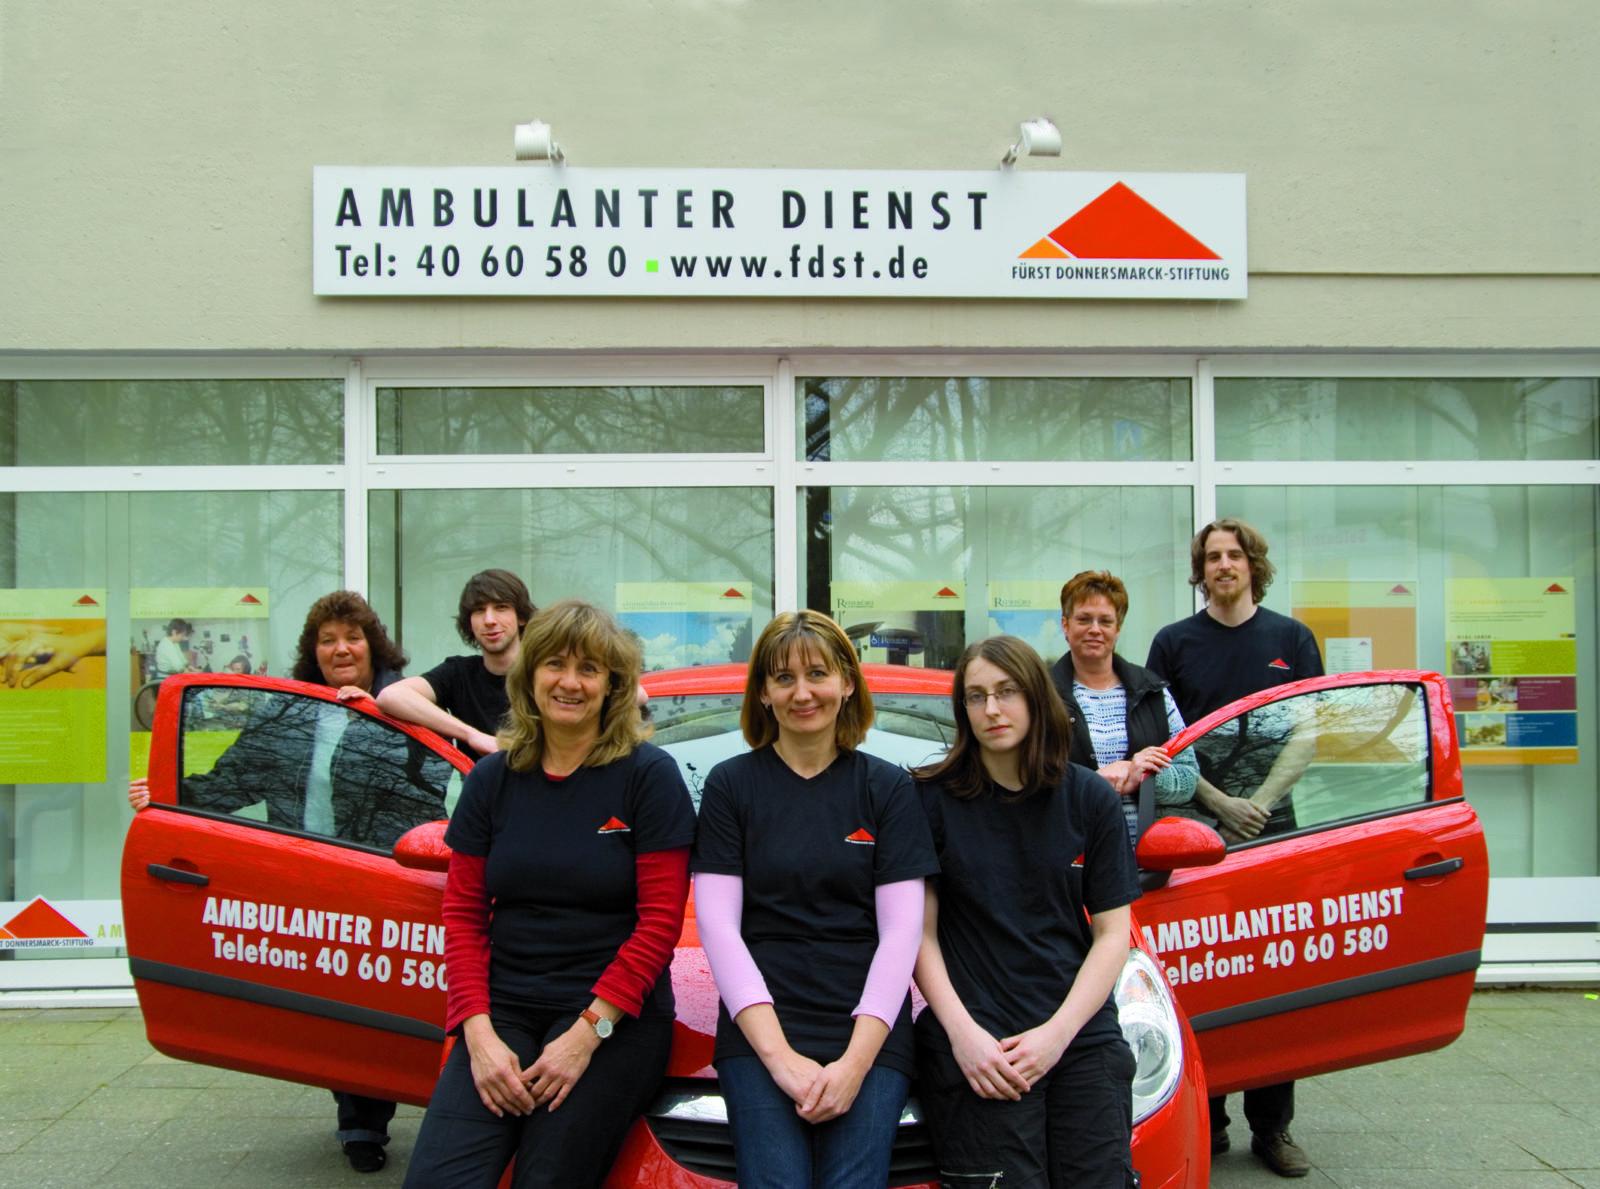 Gruppenfoto vor einem Auto und den Büros des Ambulanten Dienstes.